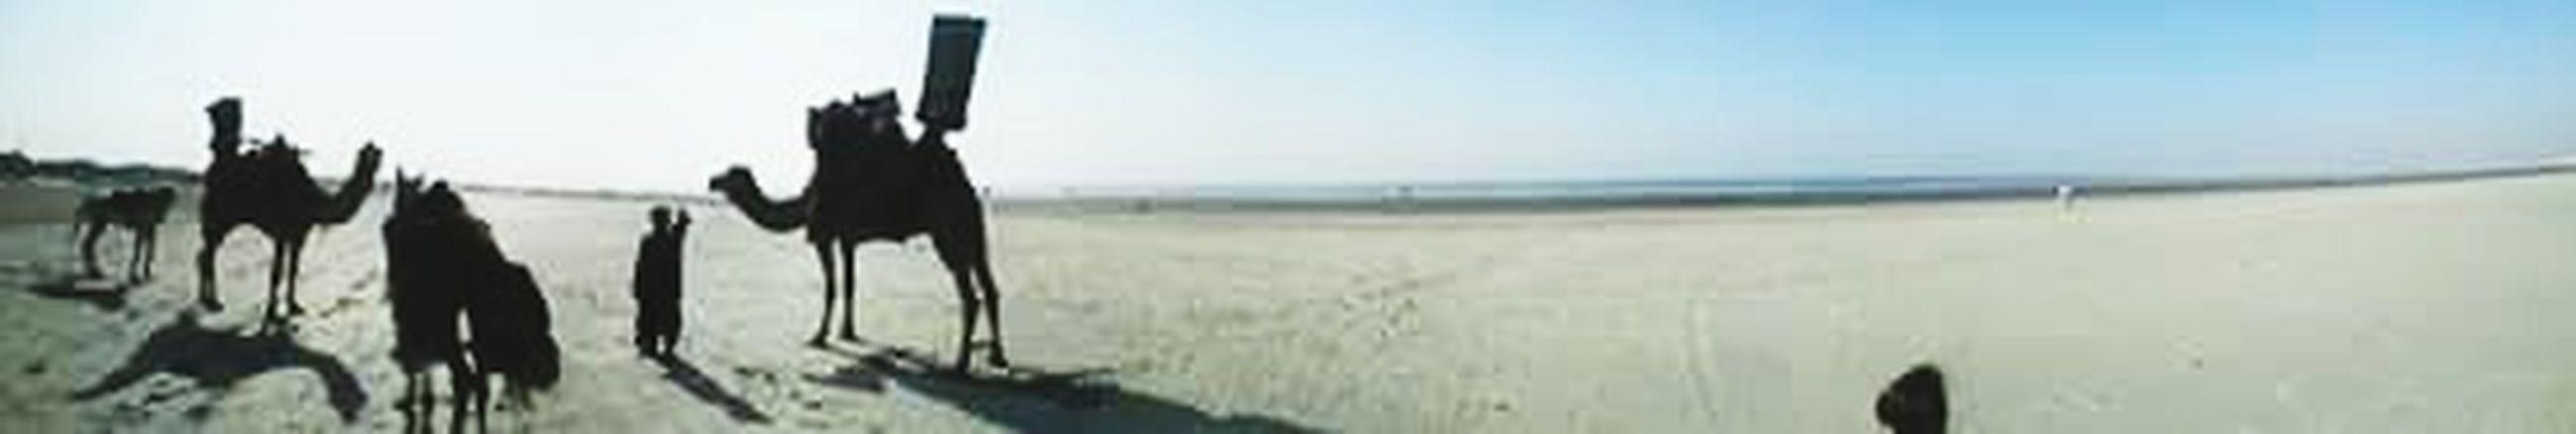 Seaside Rides Sand Fun